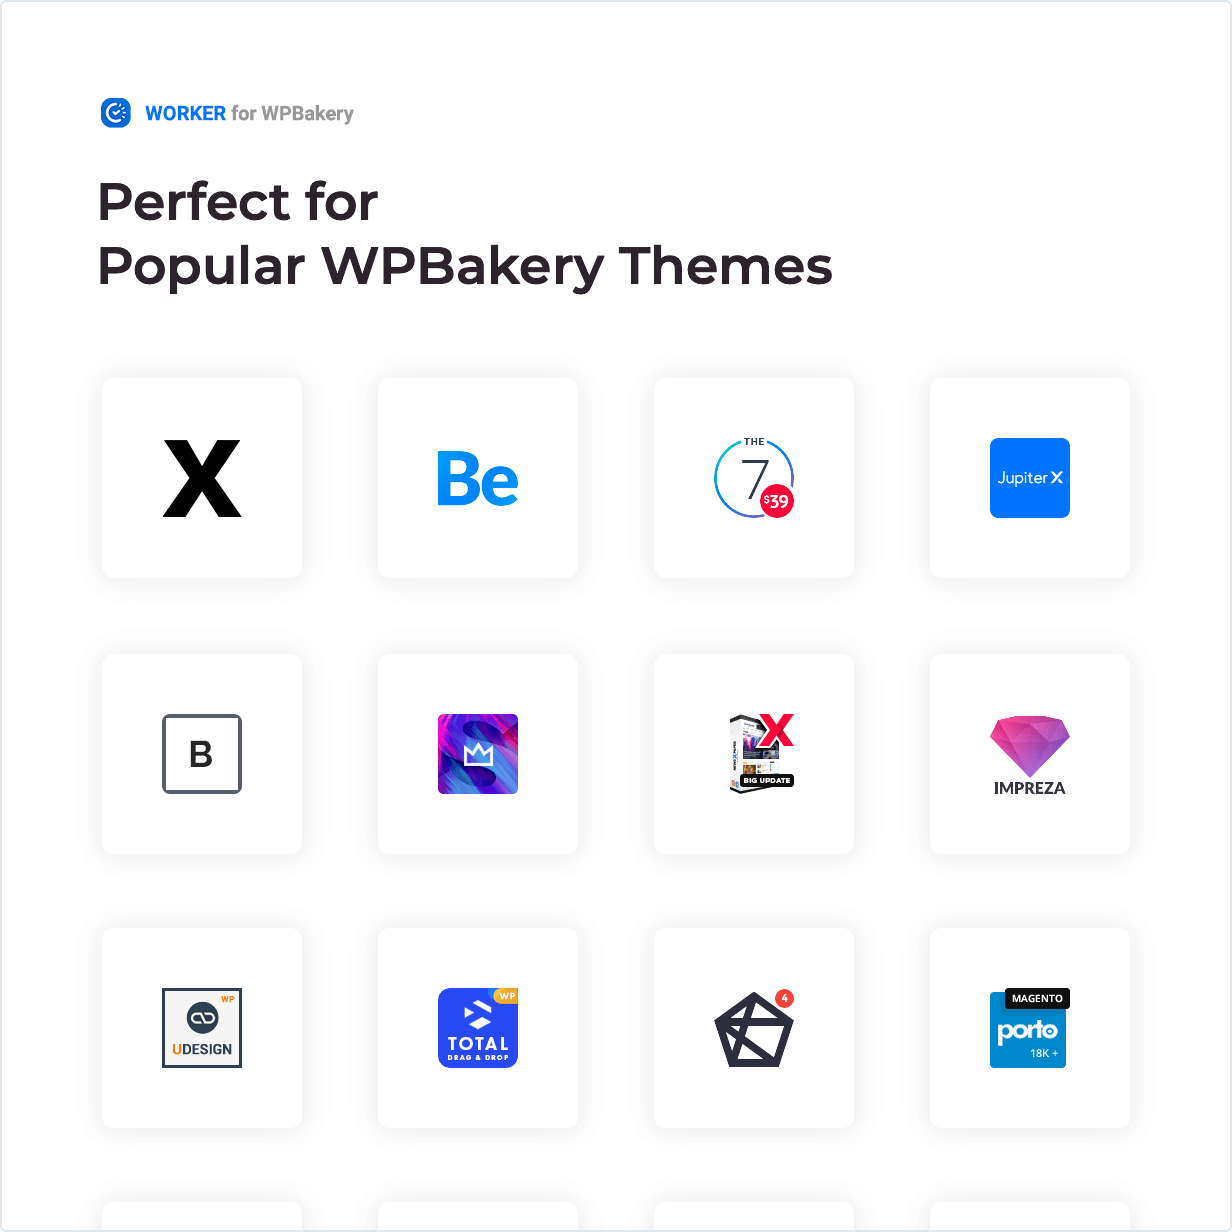 Worker-Widget - Perfekt für beliebte WPBakery-Themen